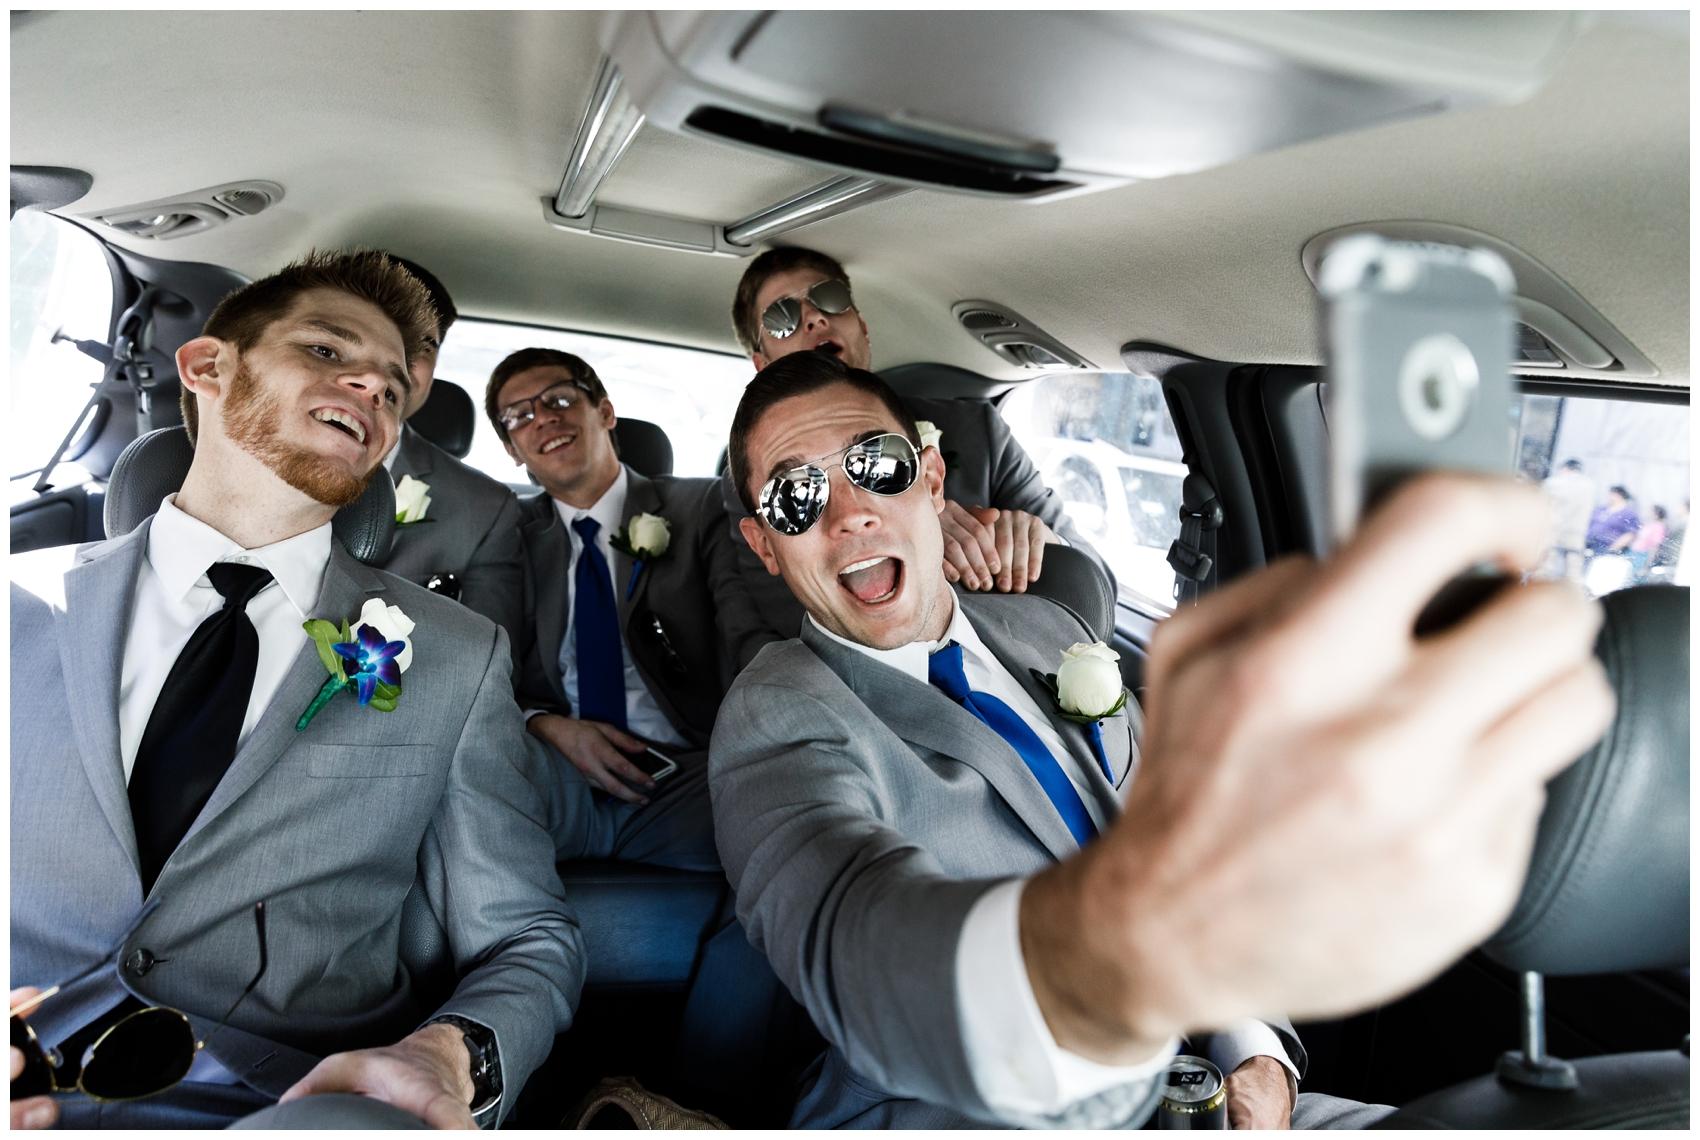 groomsmen and groom taking a selfie in a car